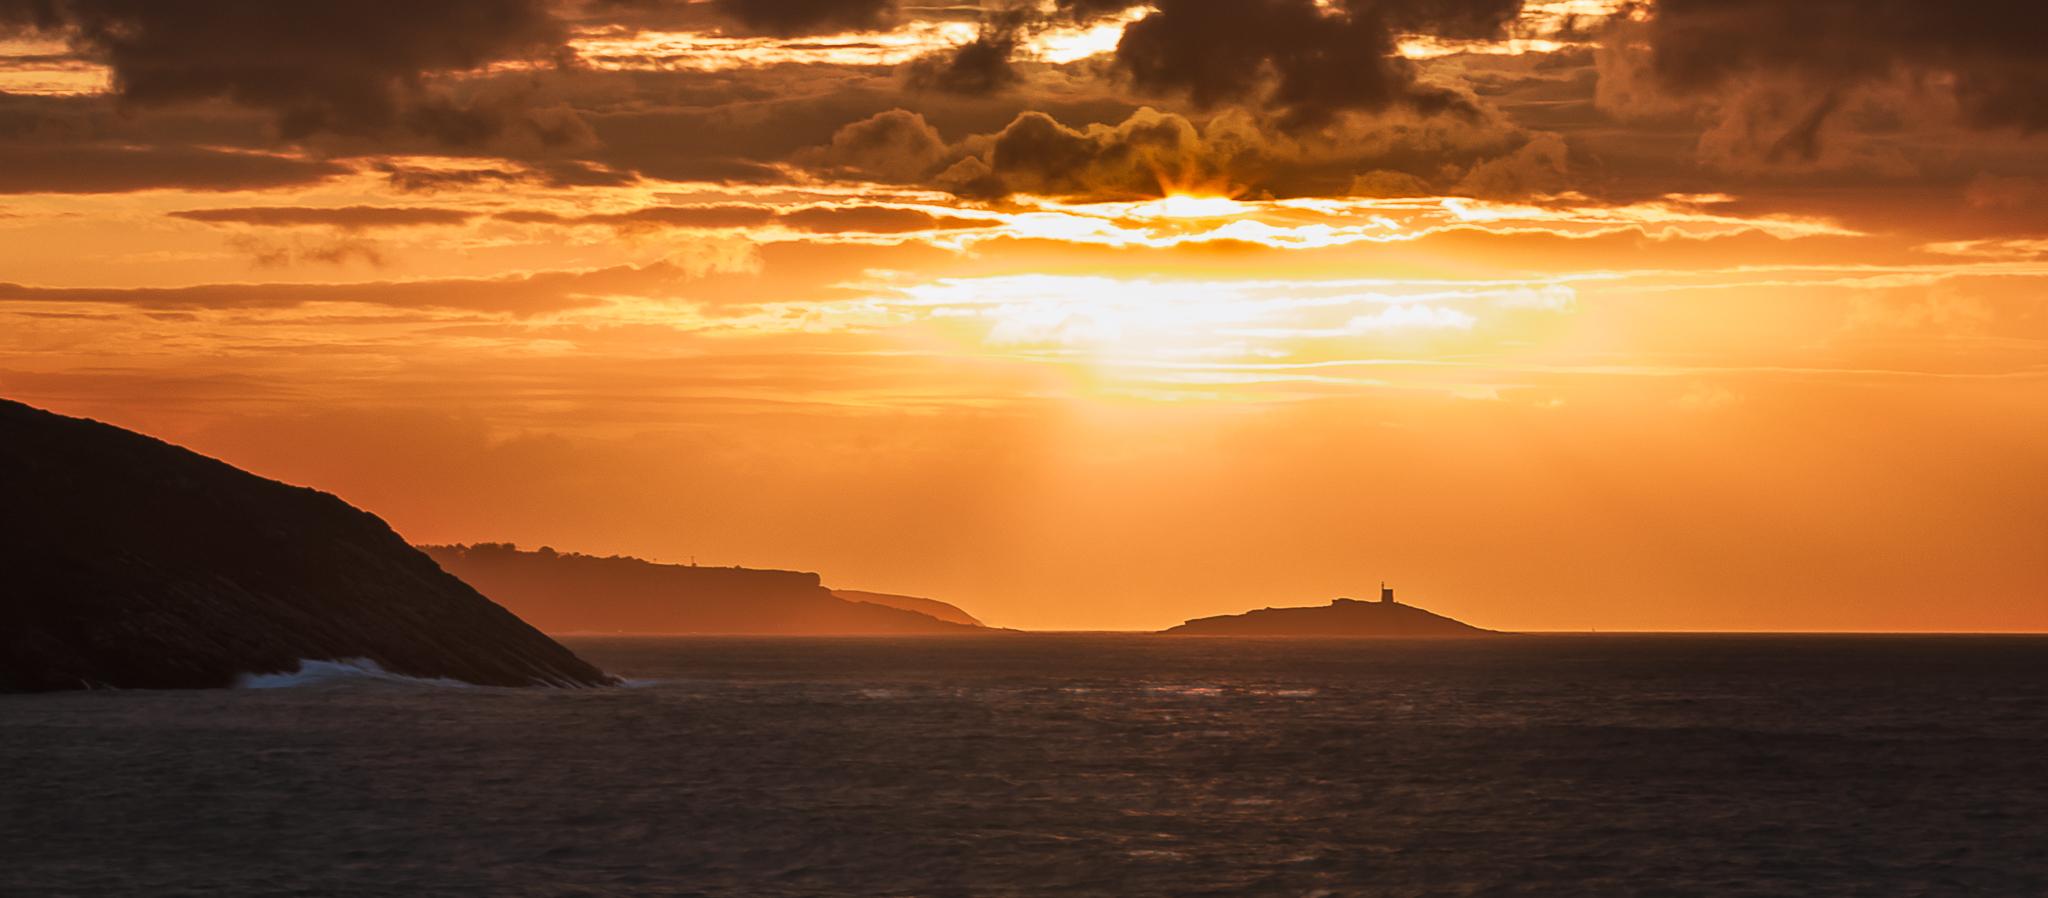 Îlot Saint-Michel, golden light before sunset, France